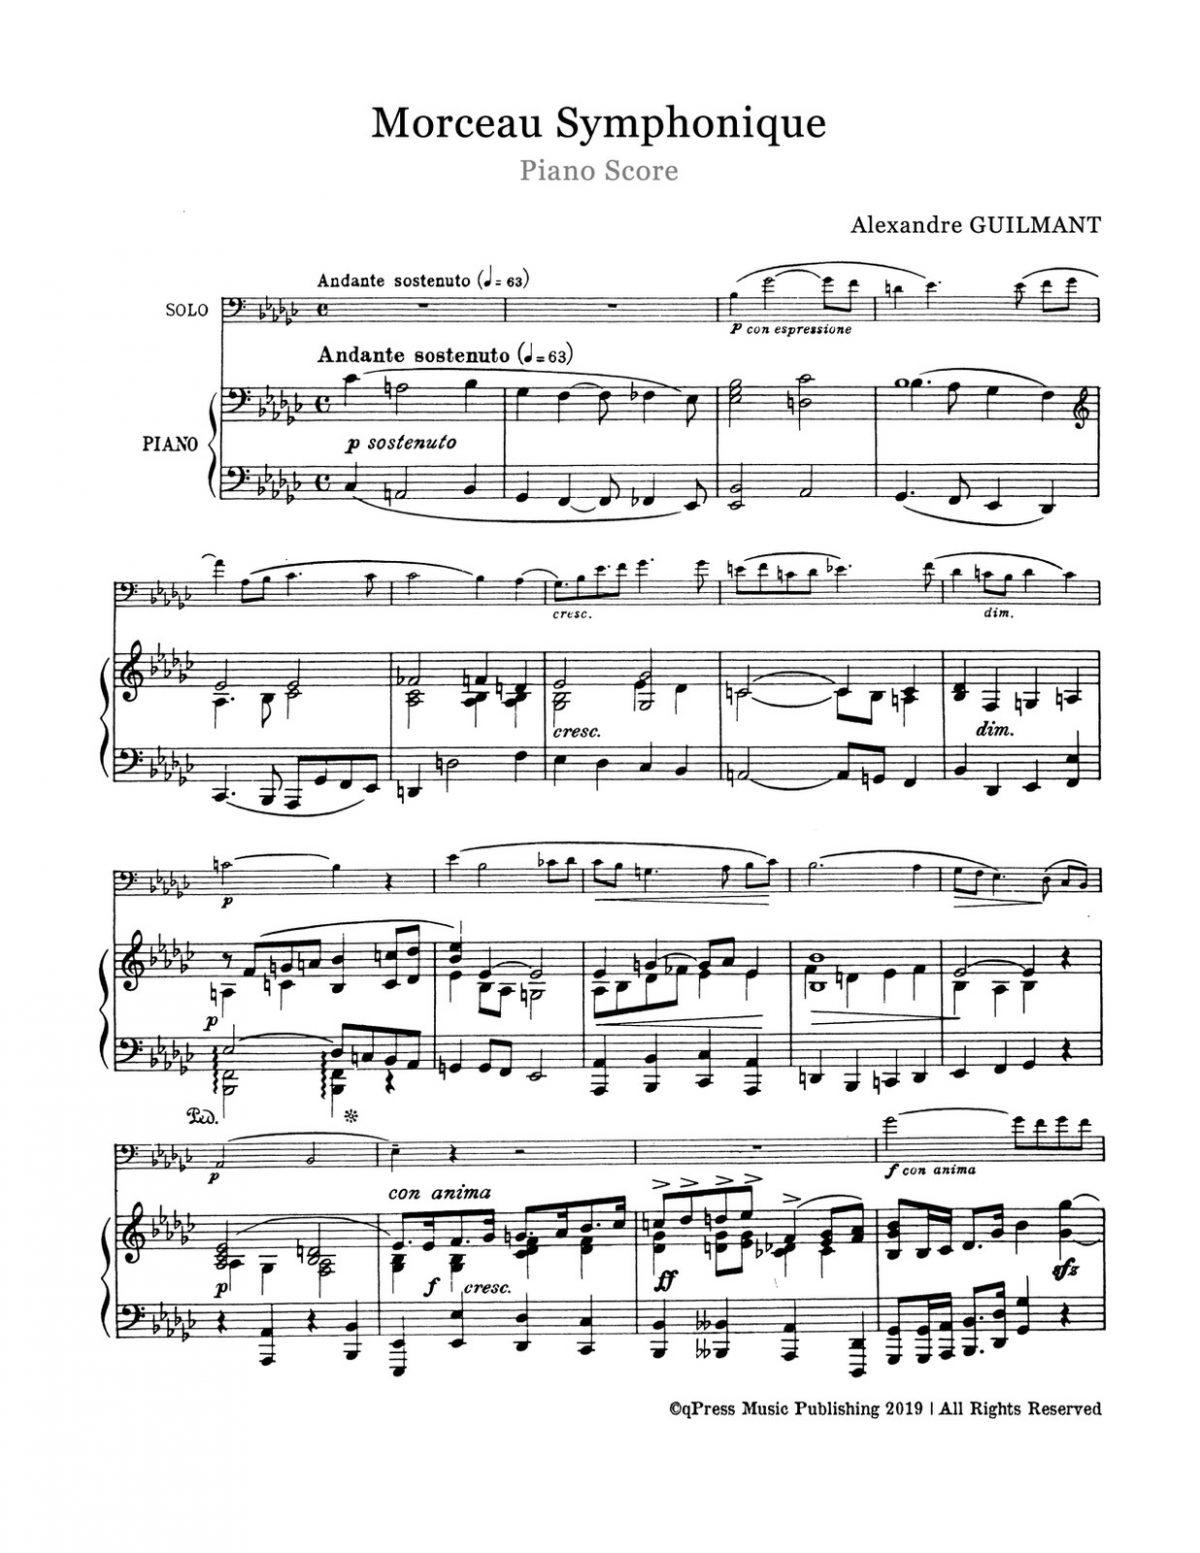 Guilmant, Alexandre Morceau Symphonique-p08